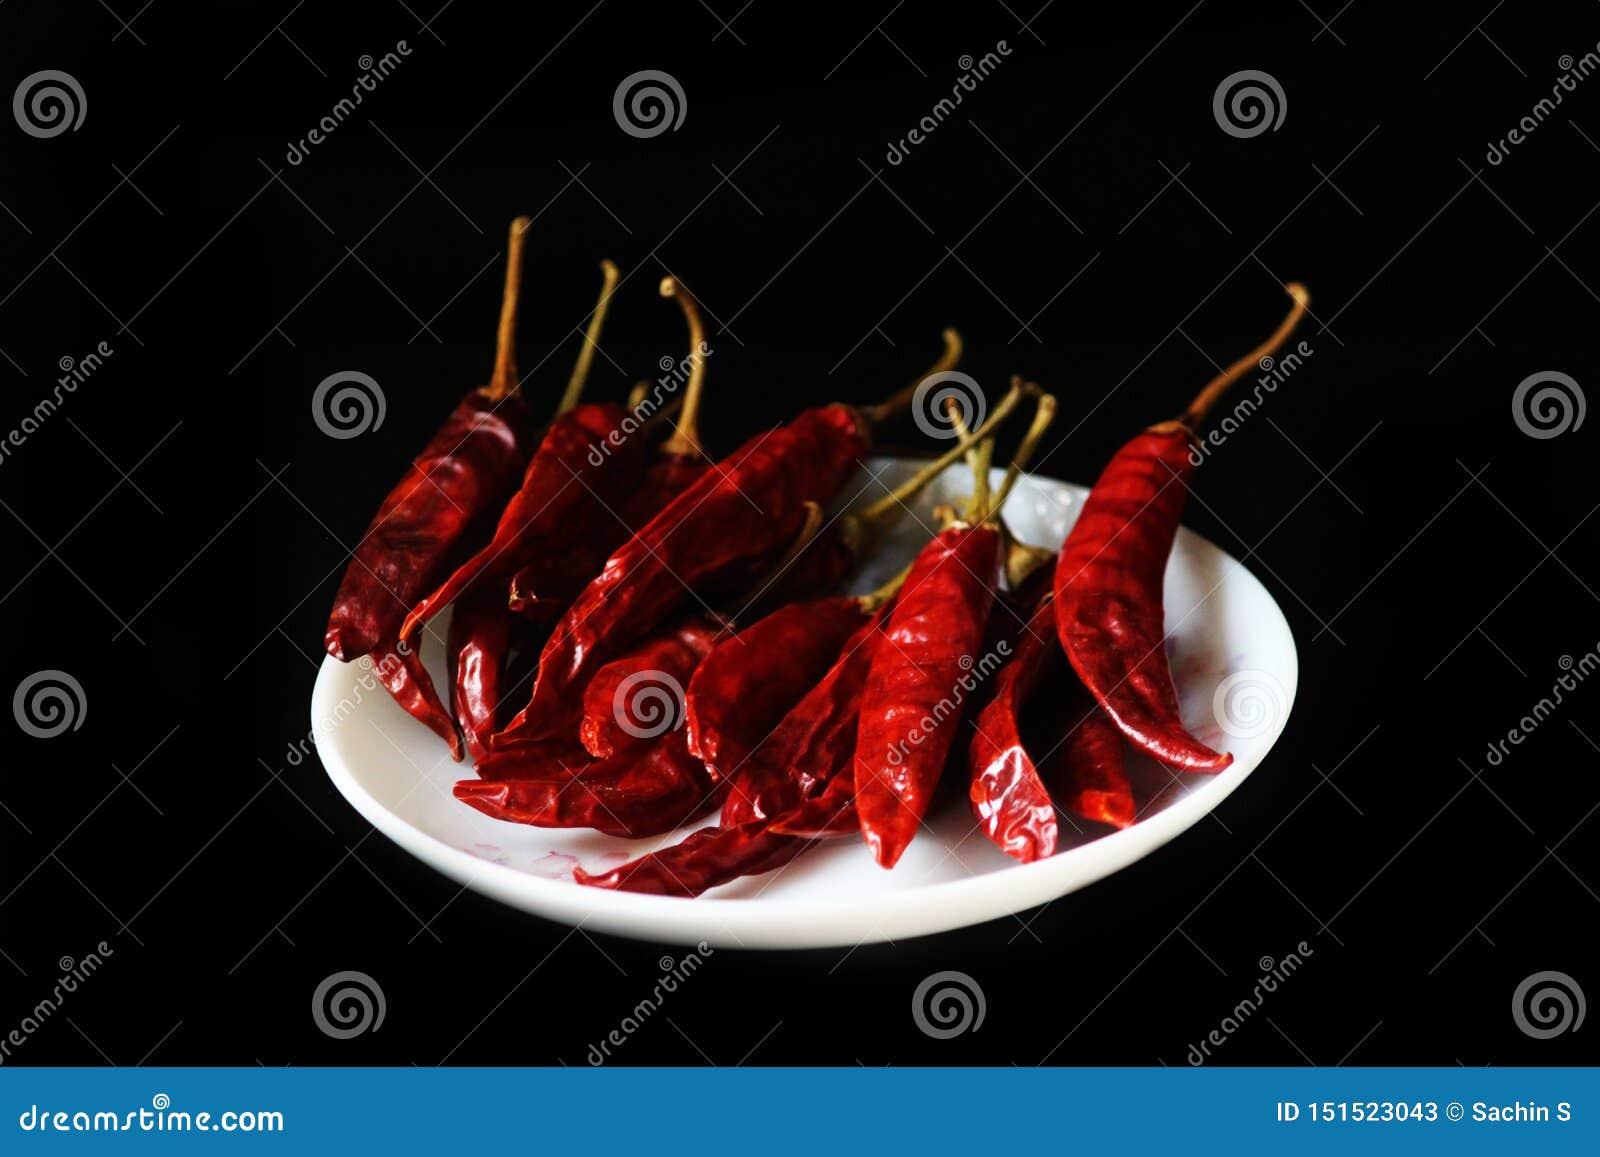 Paprika molida, pimienta roja pulverizada, pimienta de chile seca aislada en fondo negro